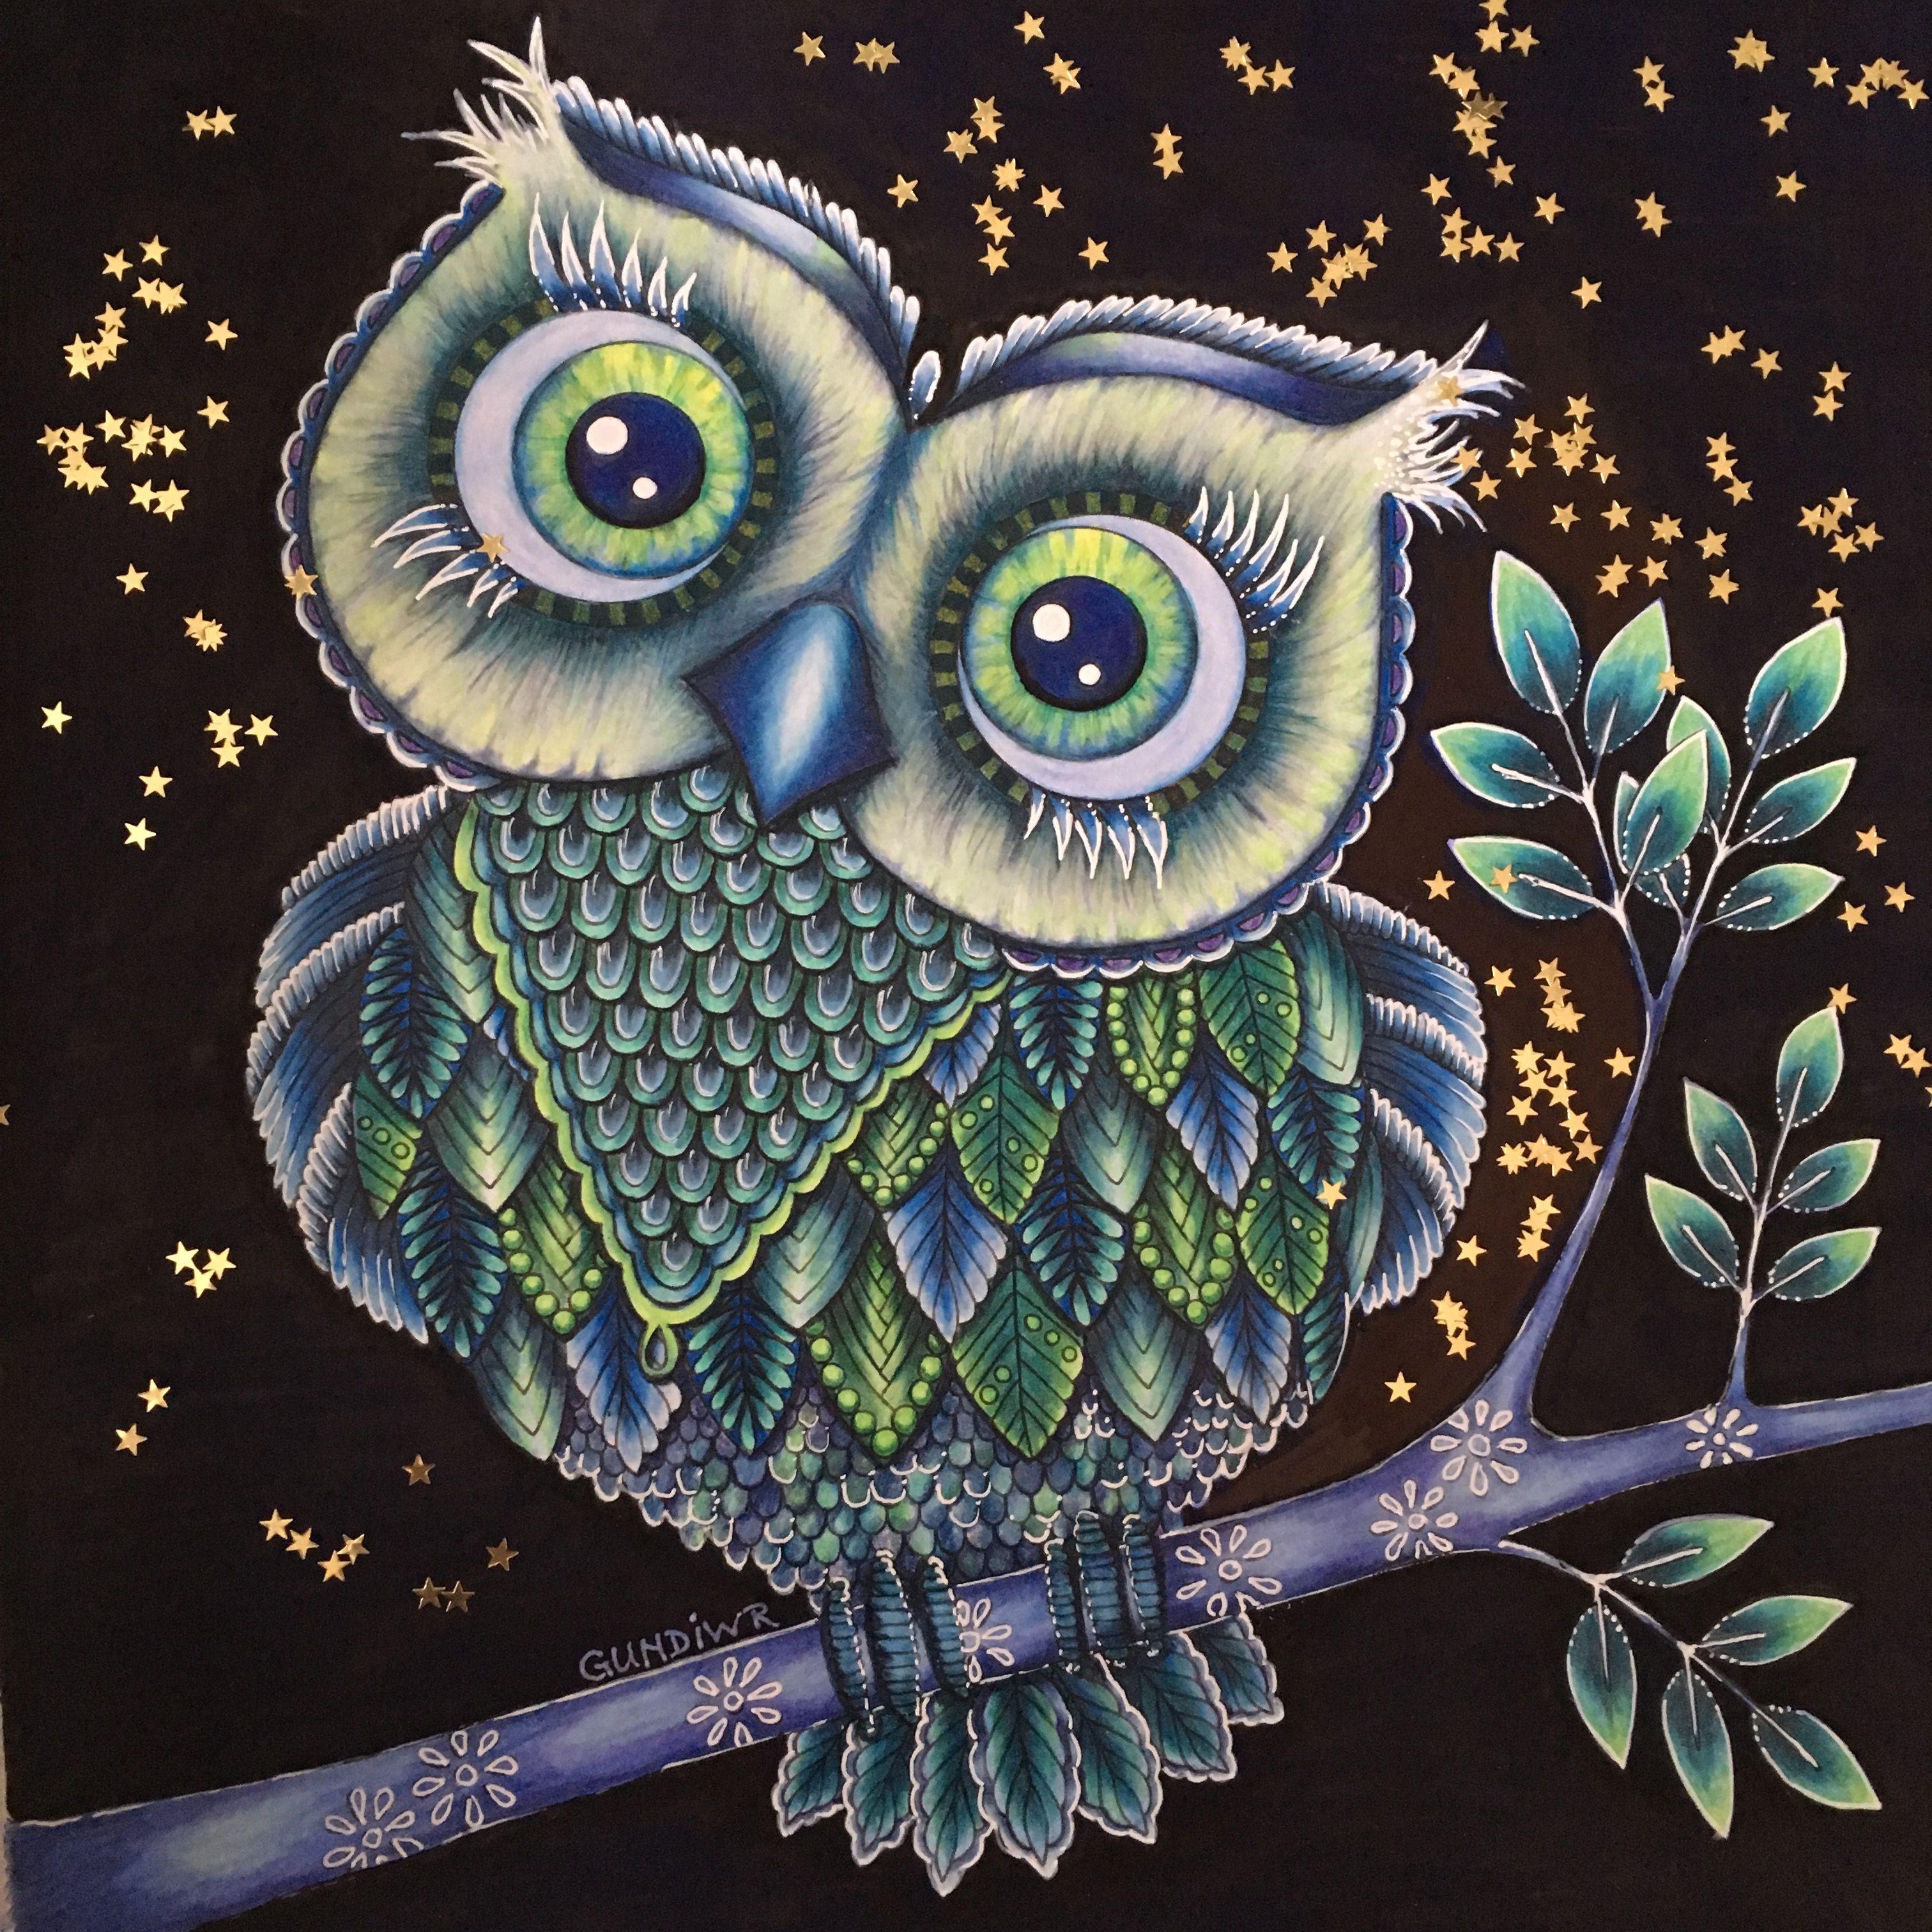 The Big Owl From Bland Ugglor Och Forgatmigej Tina Wallin Colored By Gundiwr Polychromos Eule